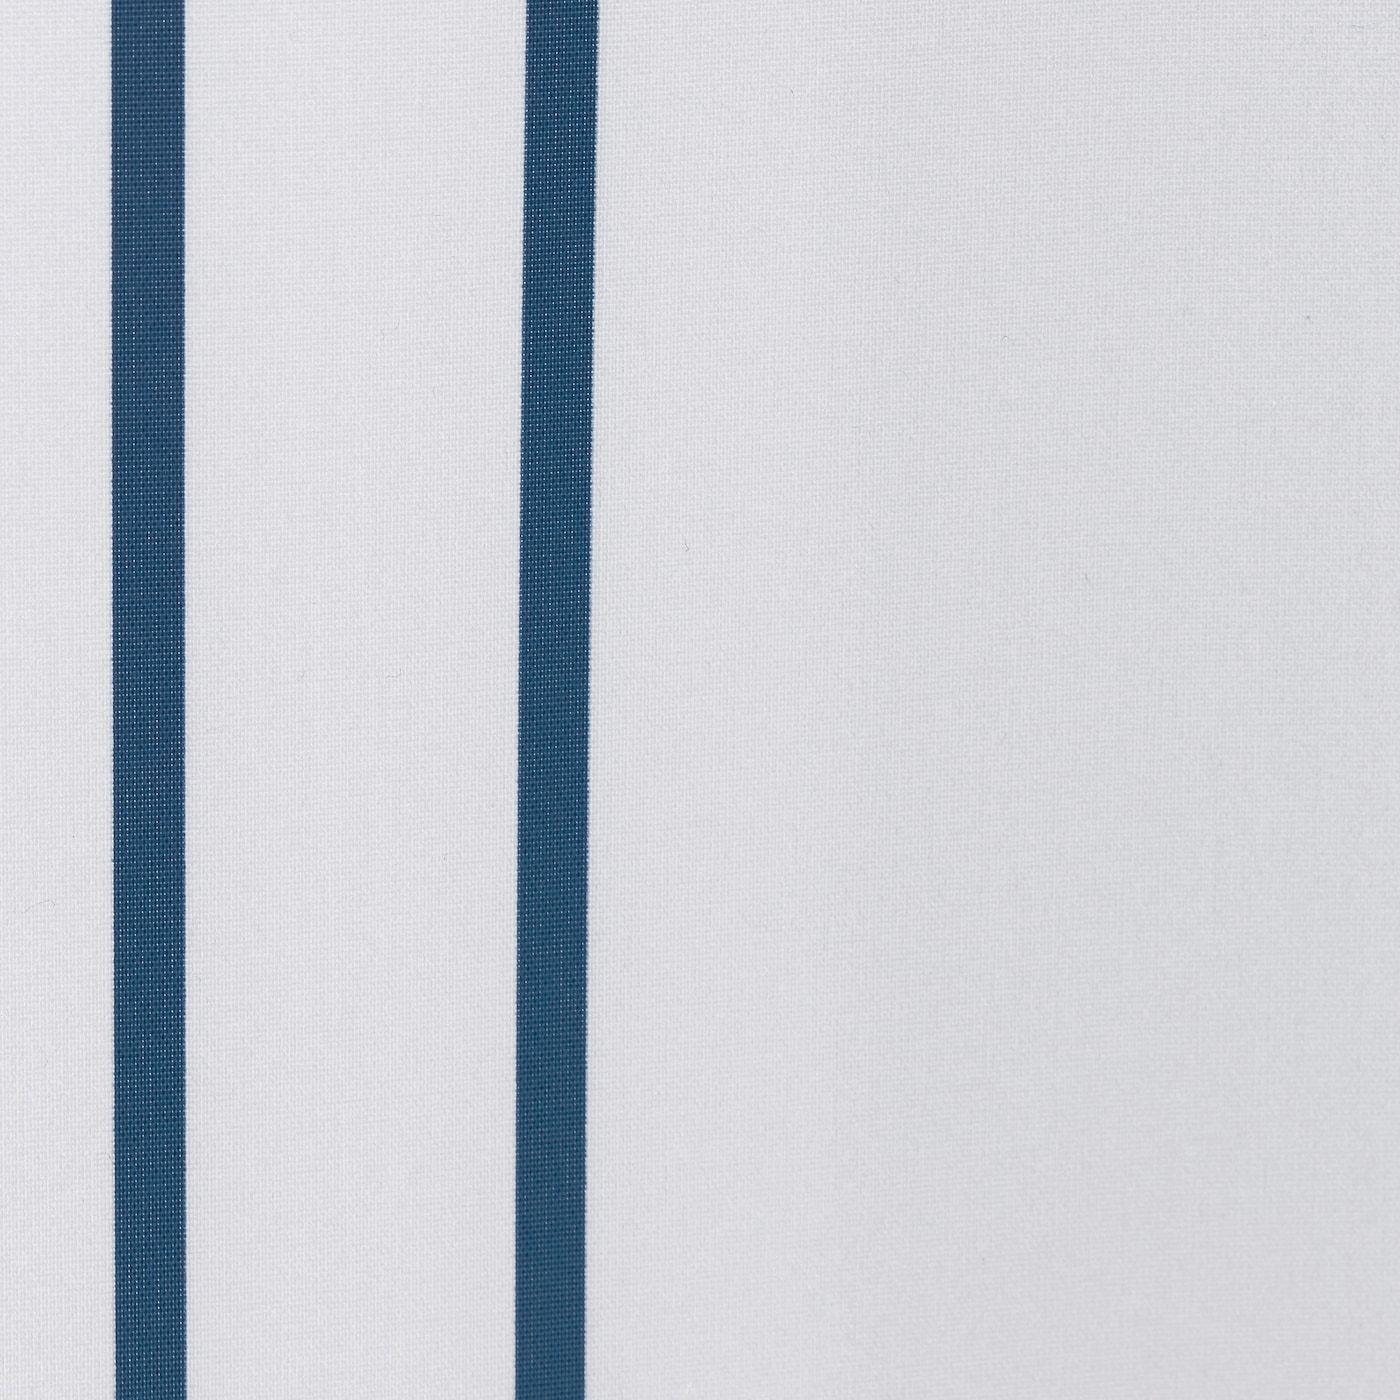 Ottsjon Duschvorhang Weiss Blau In 2020 Duschvorhang Weiss Diy